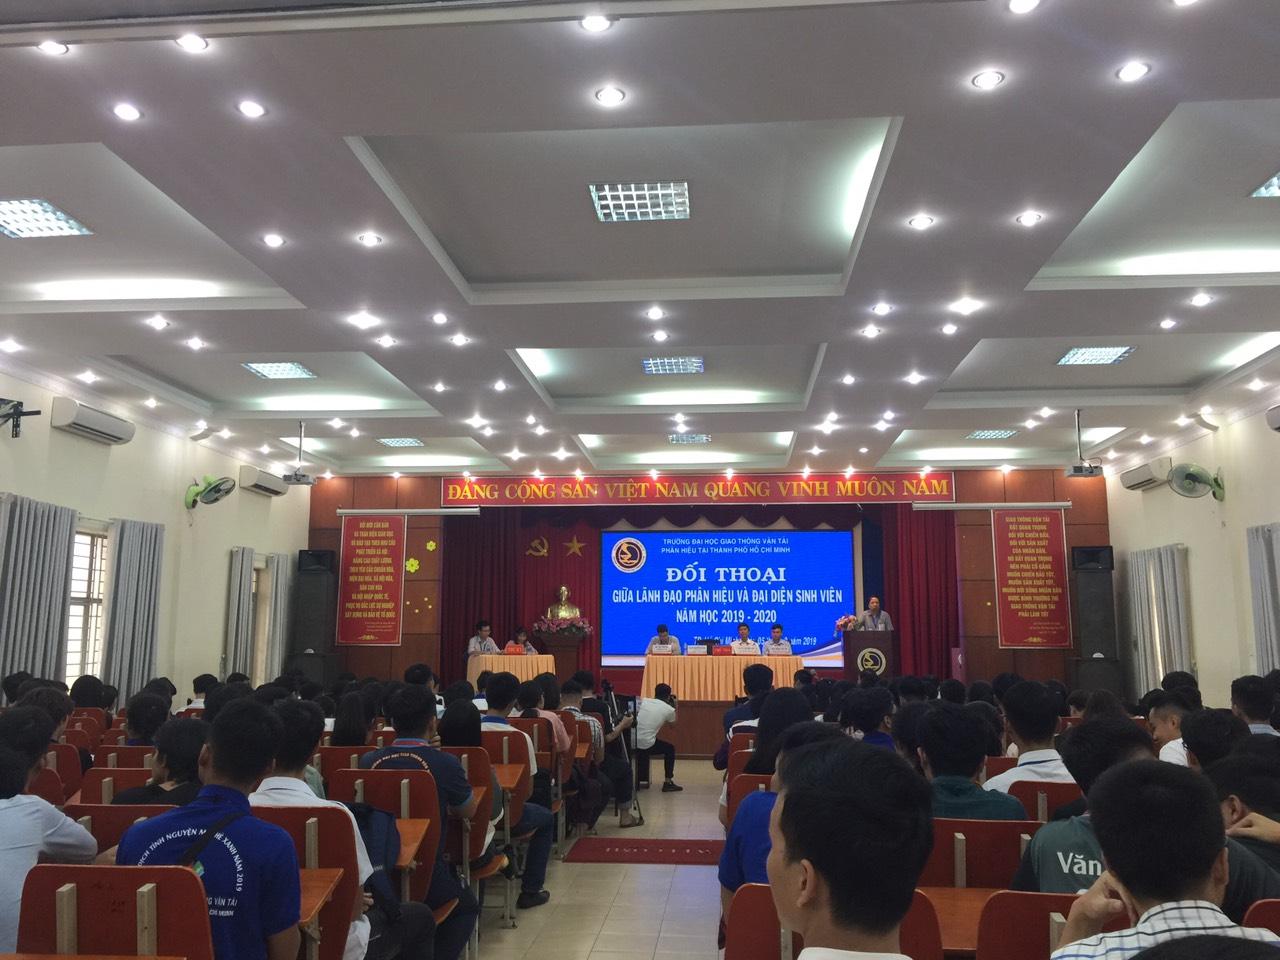 Buổi đối thoại giữa Lãnh đạo Phân hiệu và đại diện sinh viên các lớp Năm học 2019 - 2020